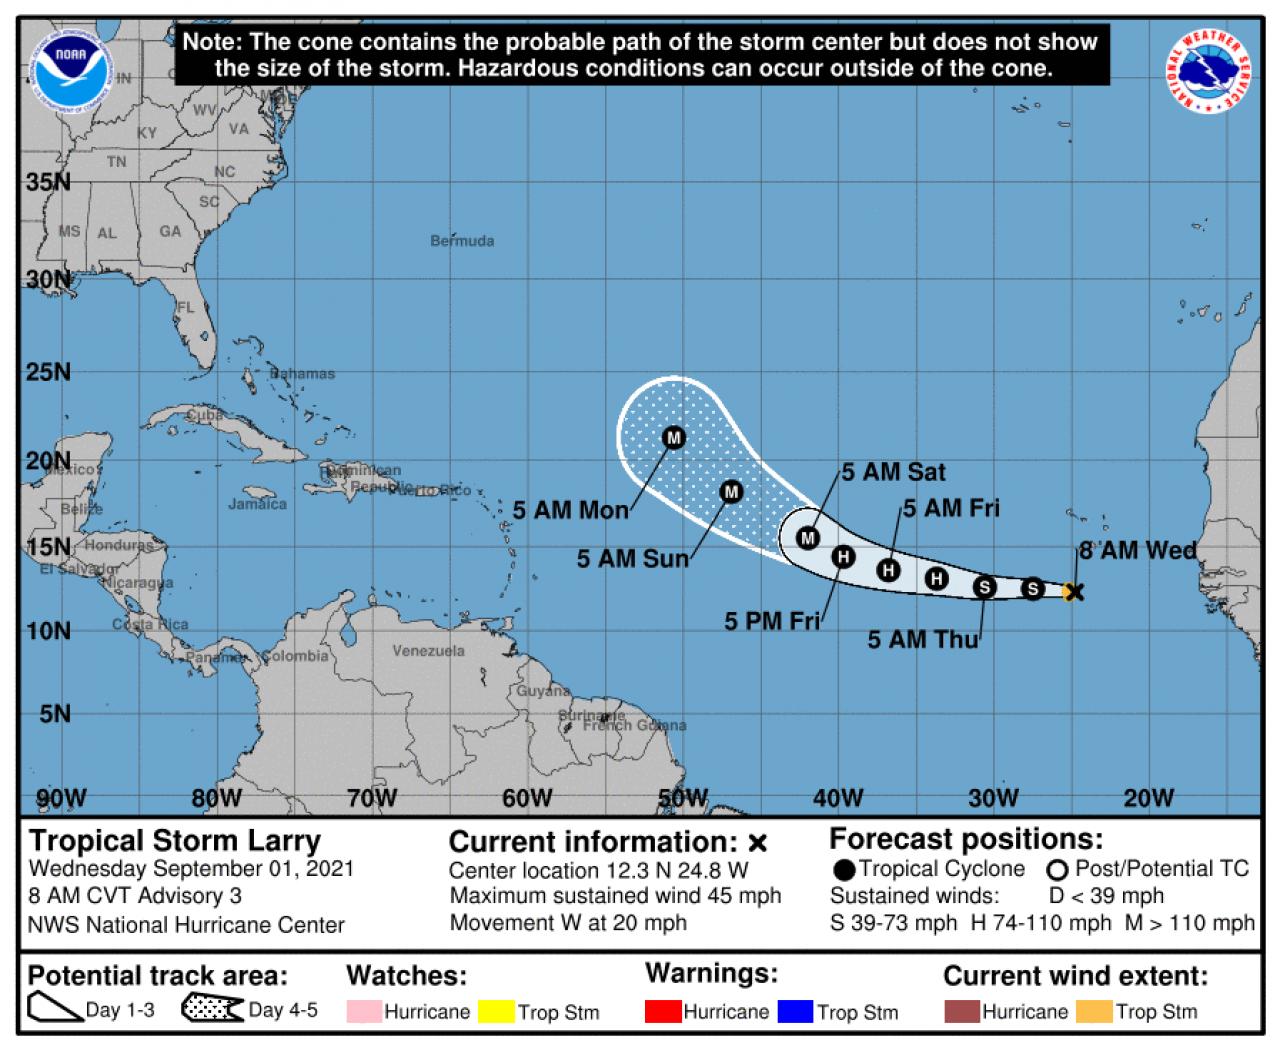 La rotta prevista dell'uragano Larry (Fonte: National Hurricane Center)